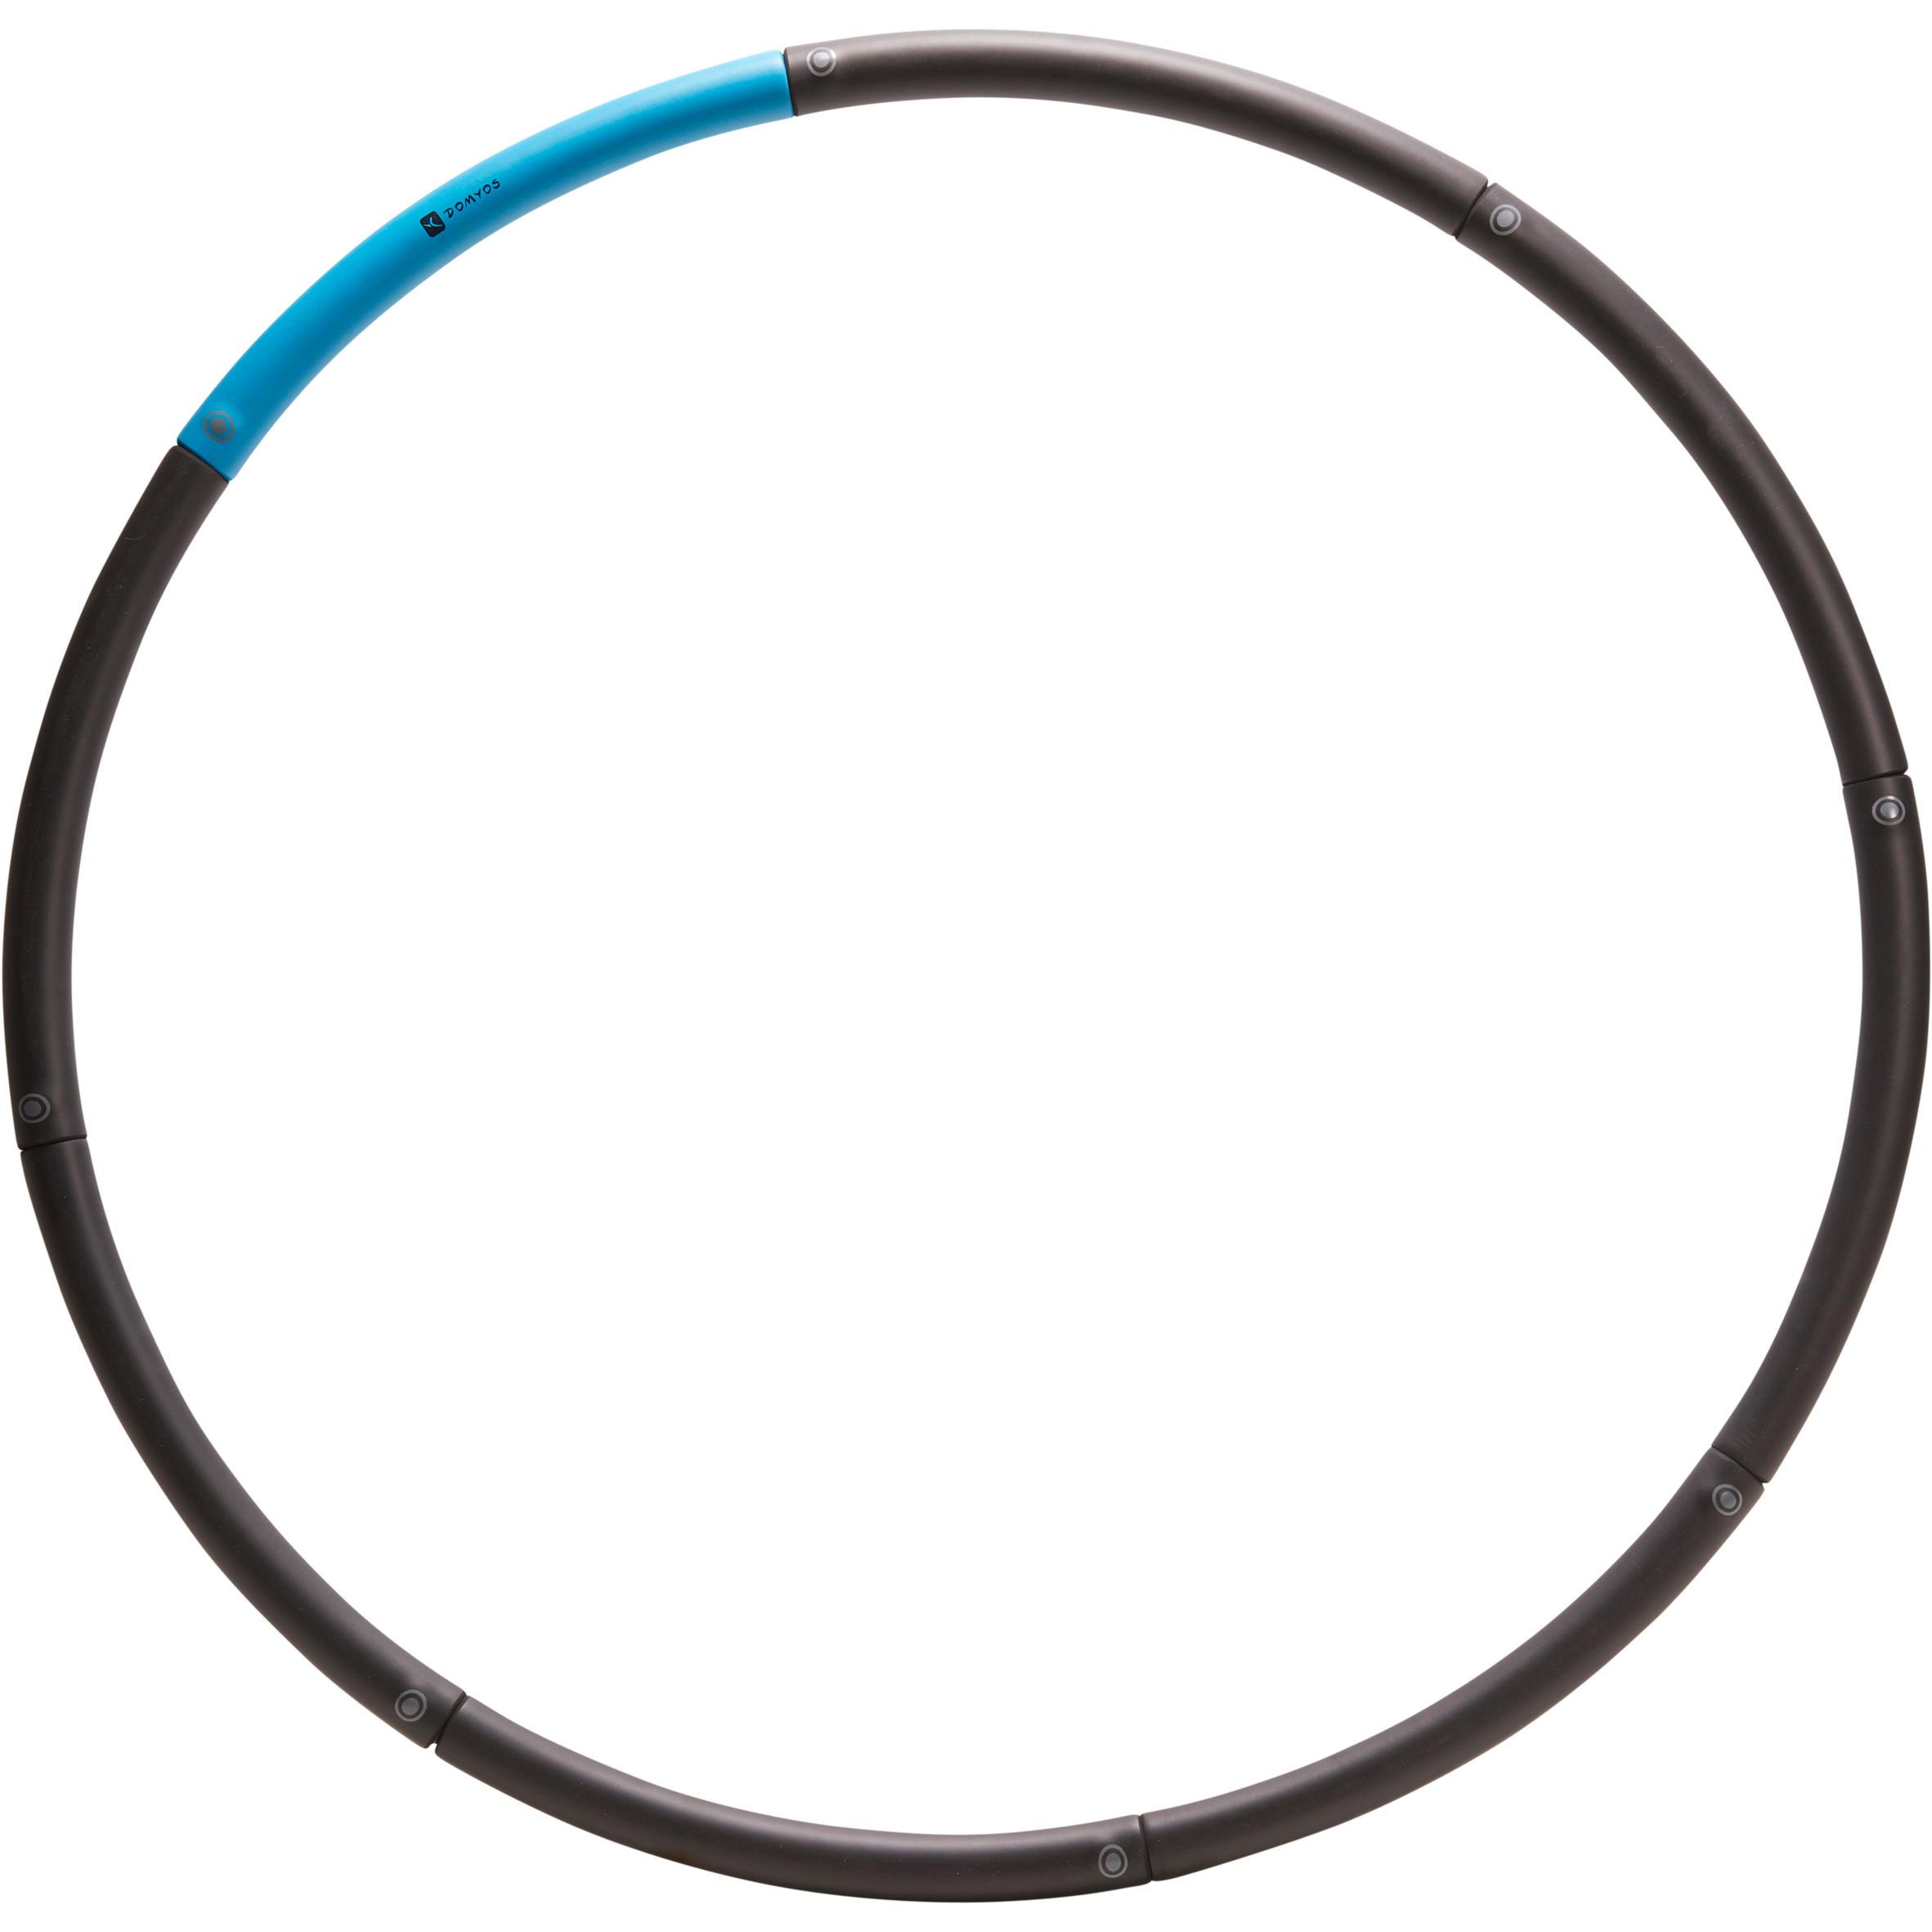 Cerc tonifiere pilates 1,4 kg imagine